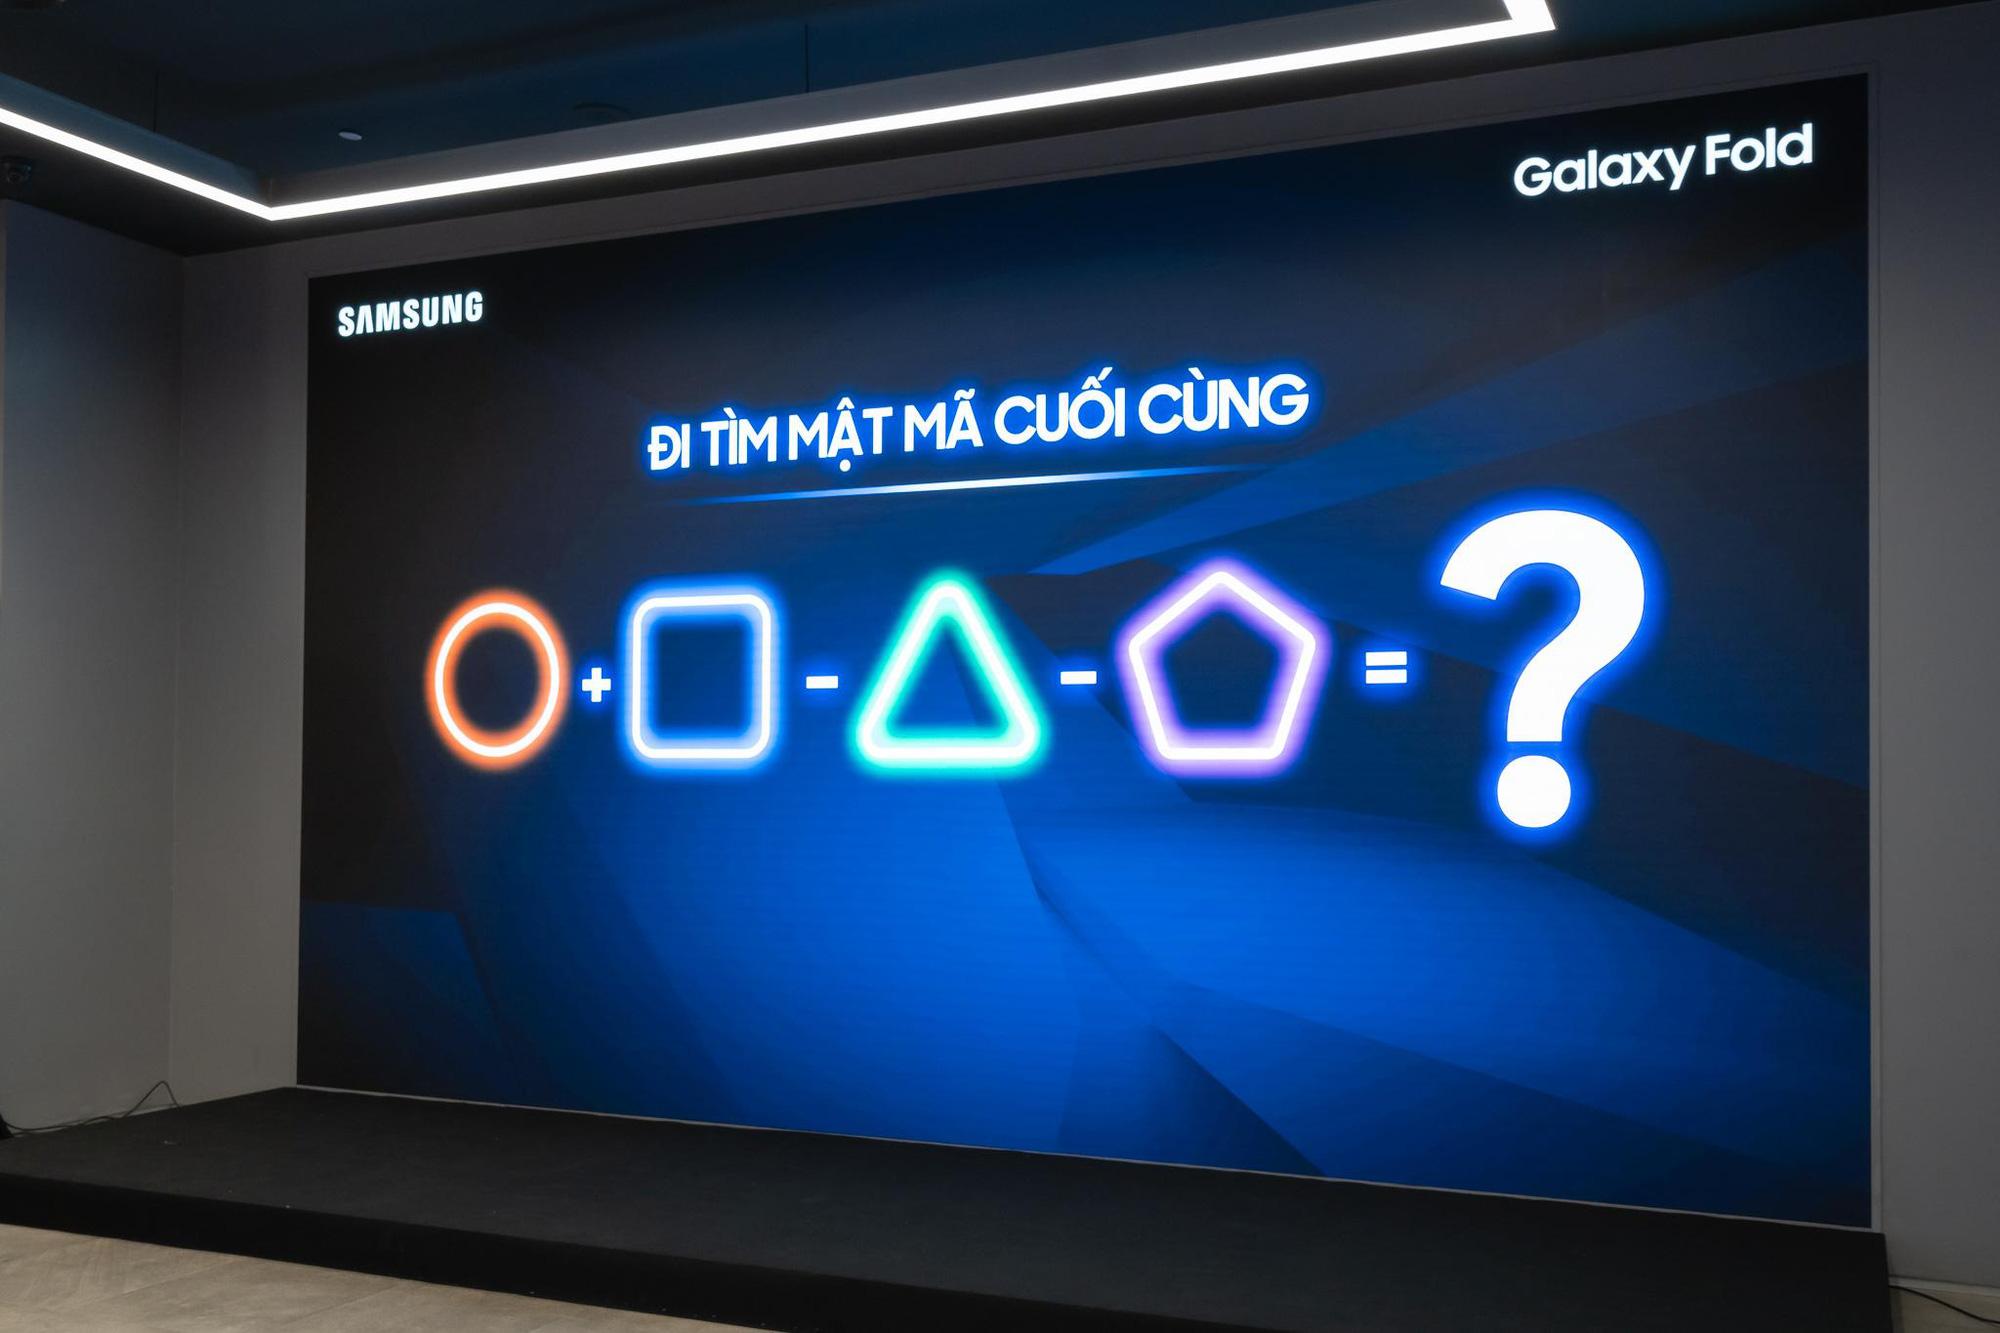 Kỳ quan công nghệ Galaxy Fold đã được giải mã và hành trình đầy kịch tính, thăng hoa đến phút cuối cùng - Ảnh 4.